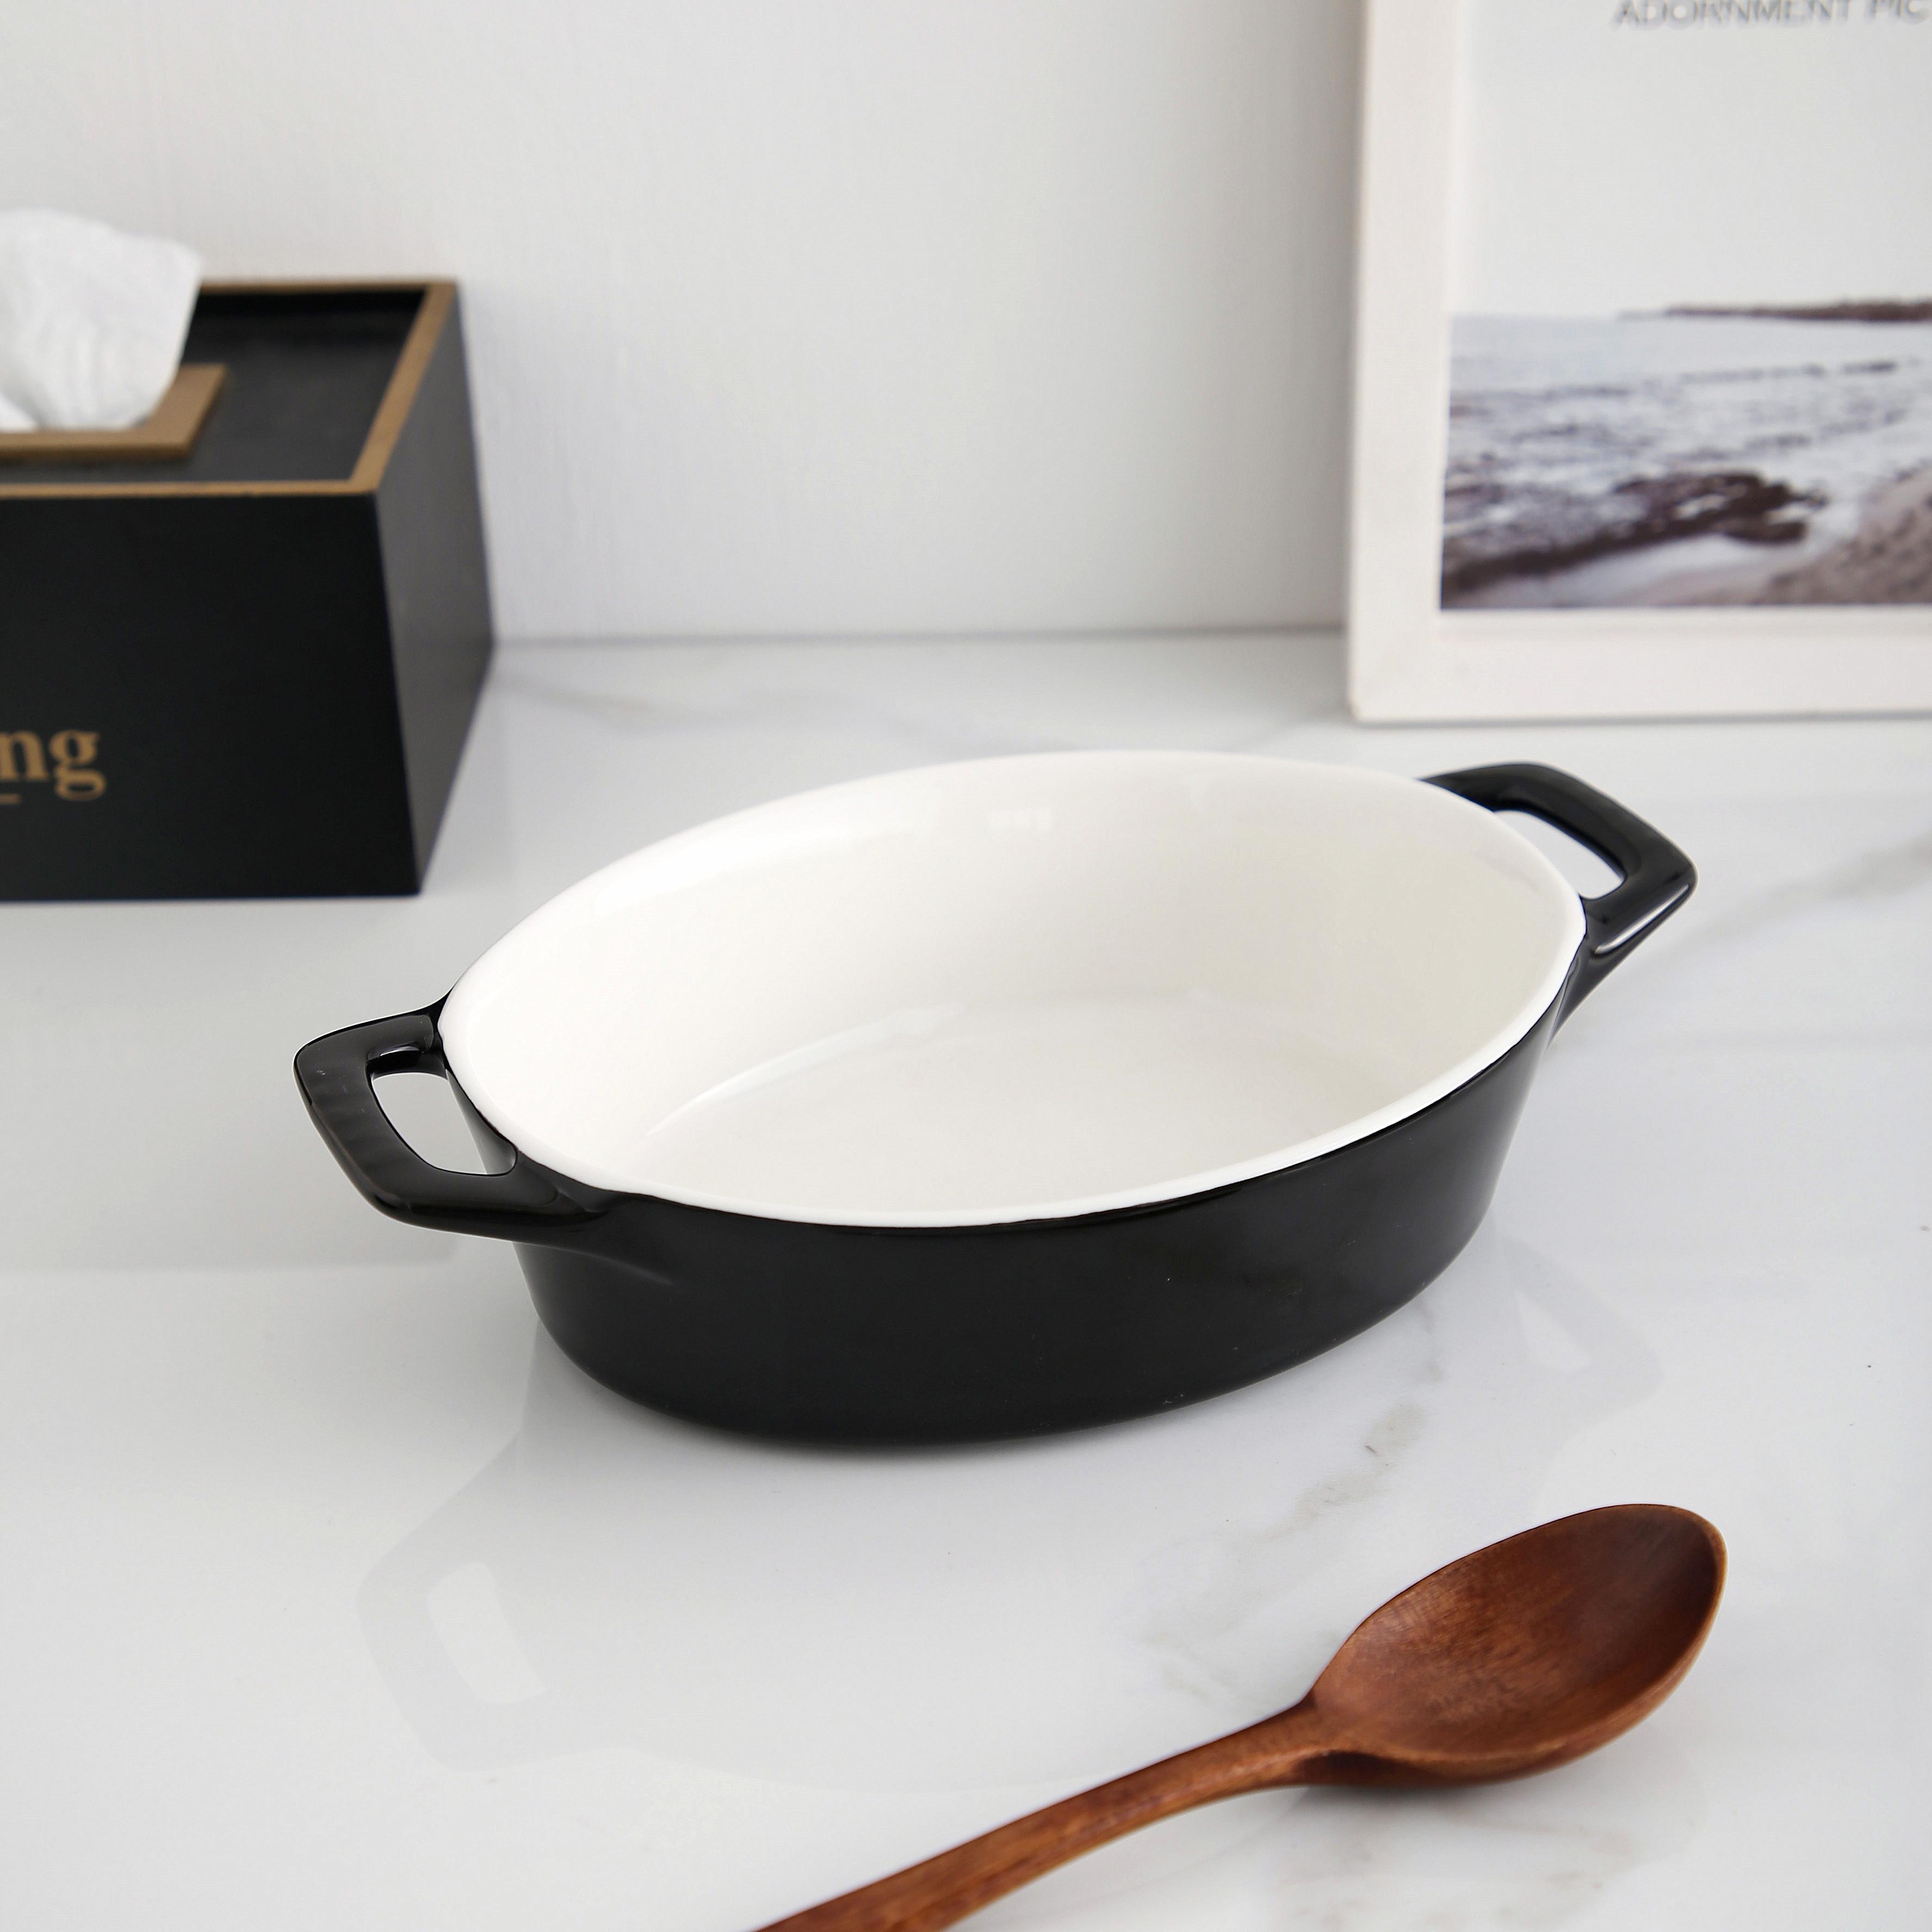 नई आगमन अच्छी गुणवत्ता काले रेस्तरां के लिए अंडाकार आकार सिरेमिक bakeware